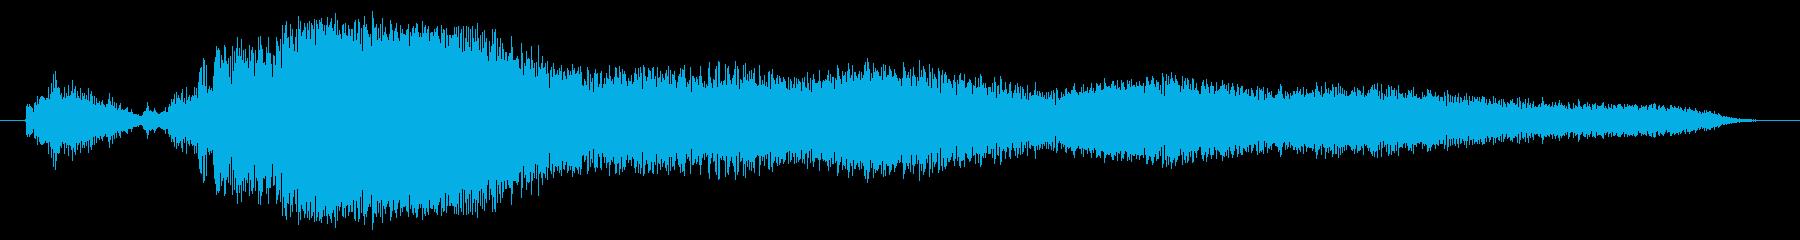 宇宙コンピューター画面テレメトリー...の再生済みの波形